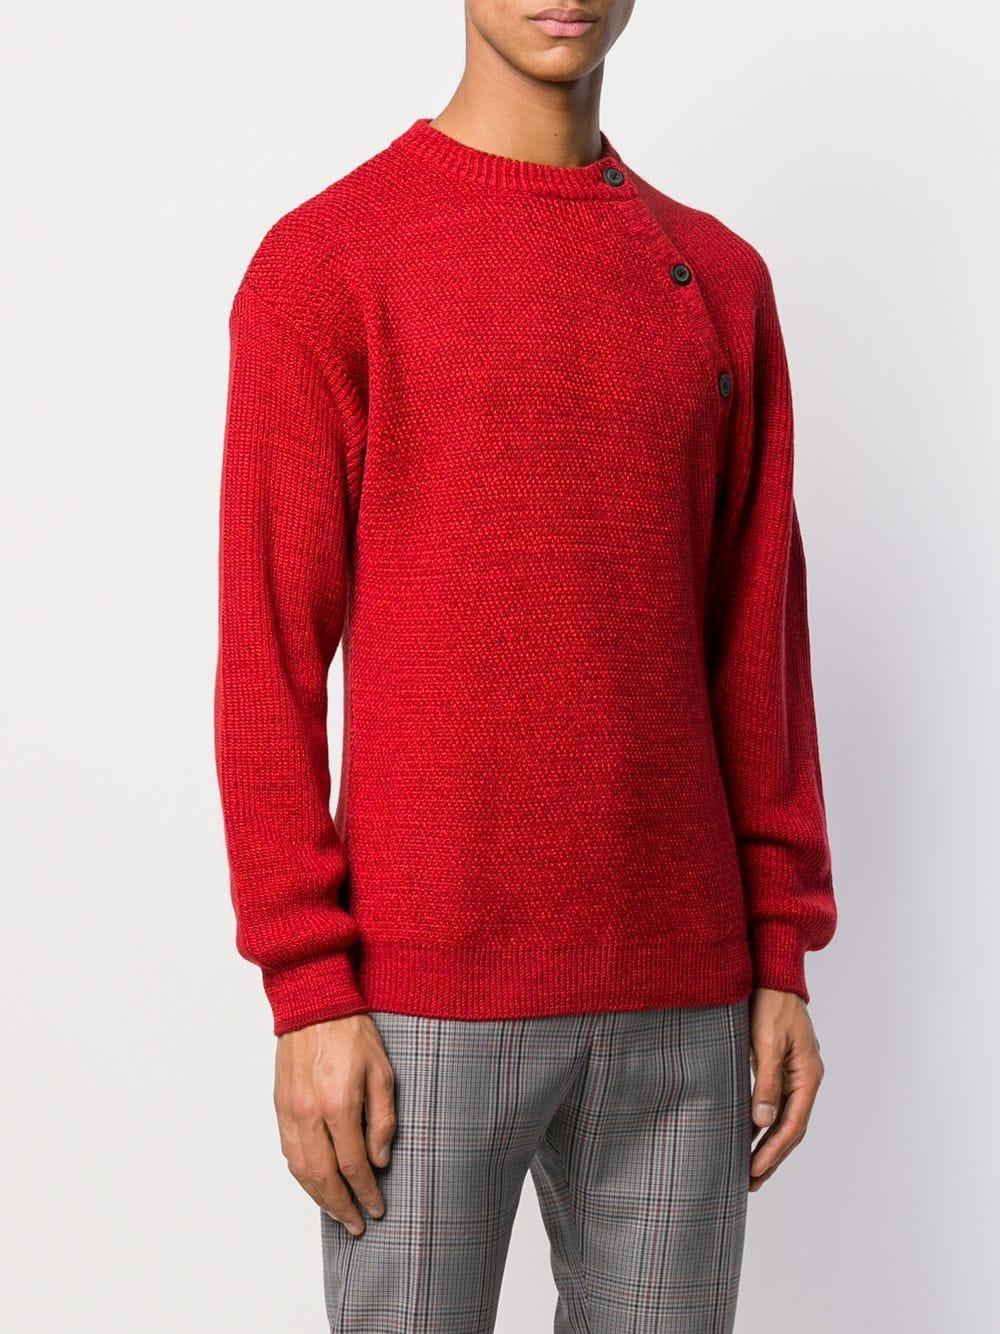 Lanvin Trui Met Knoopdetail in het Rood voor heren